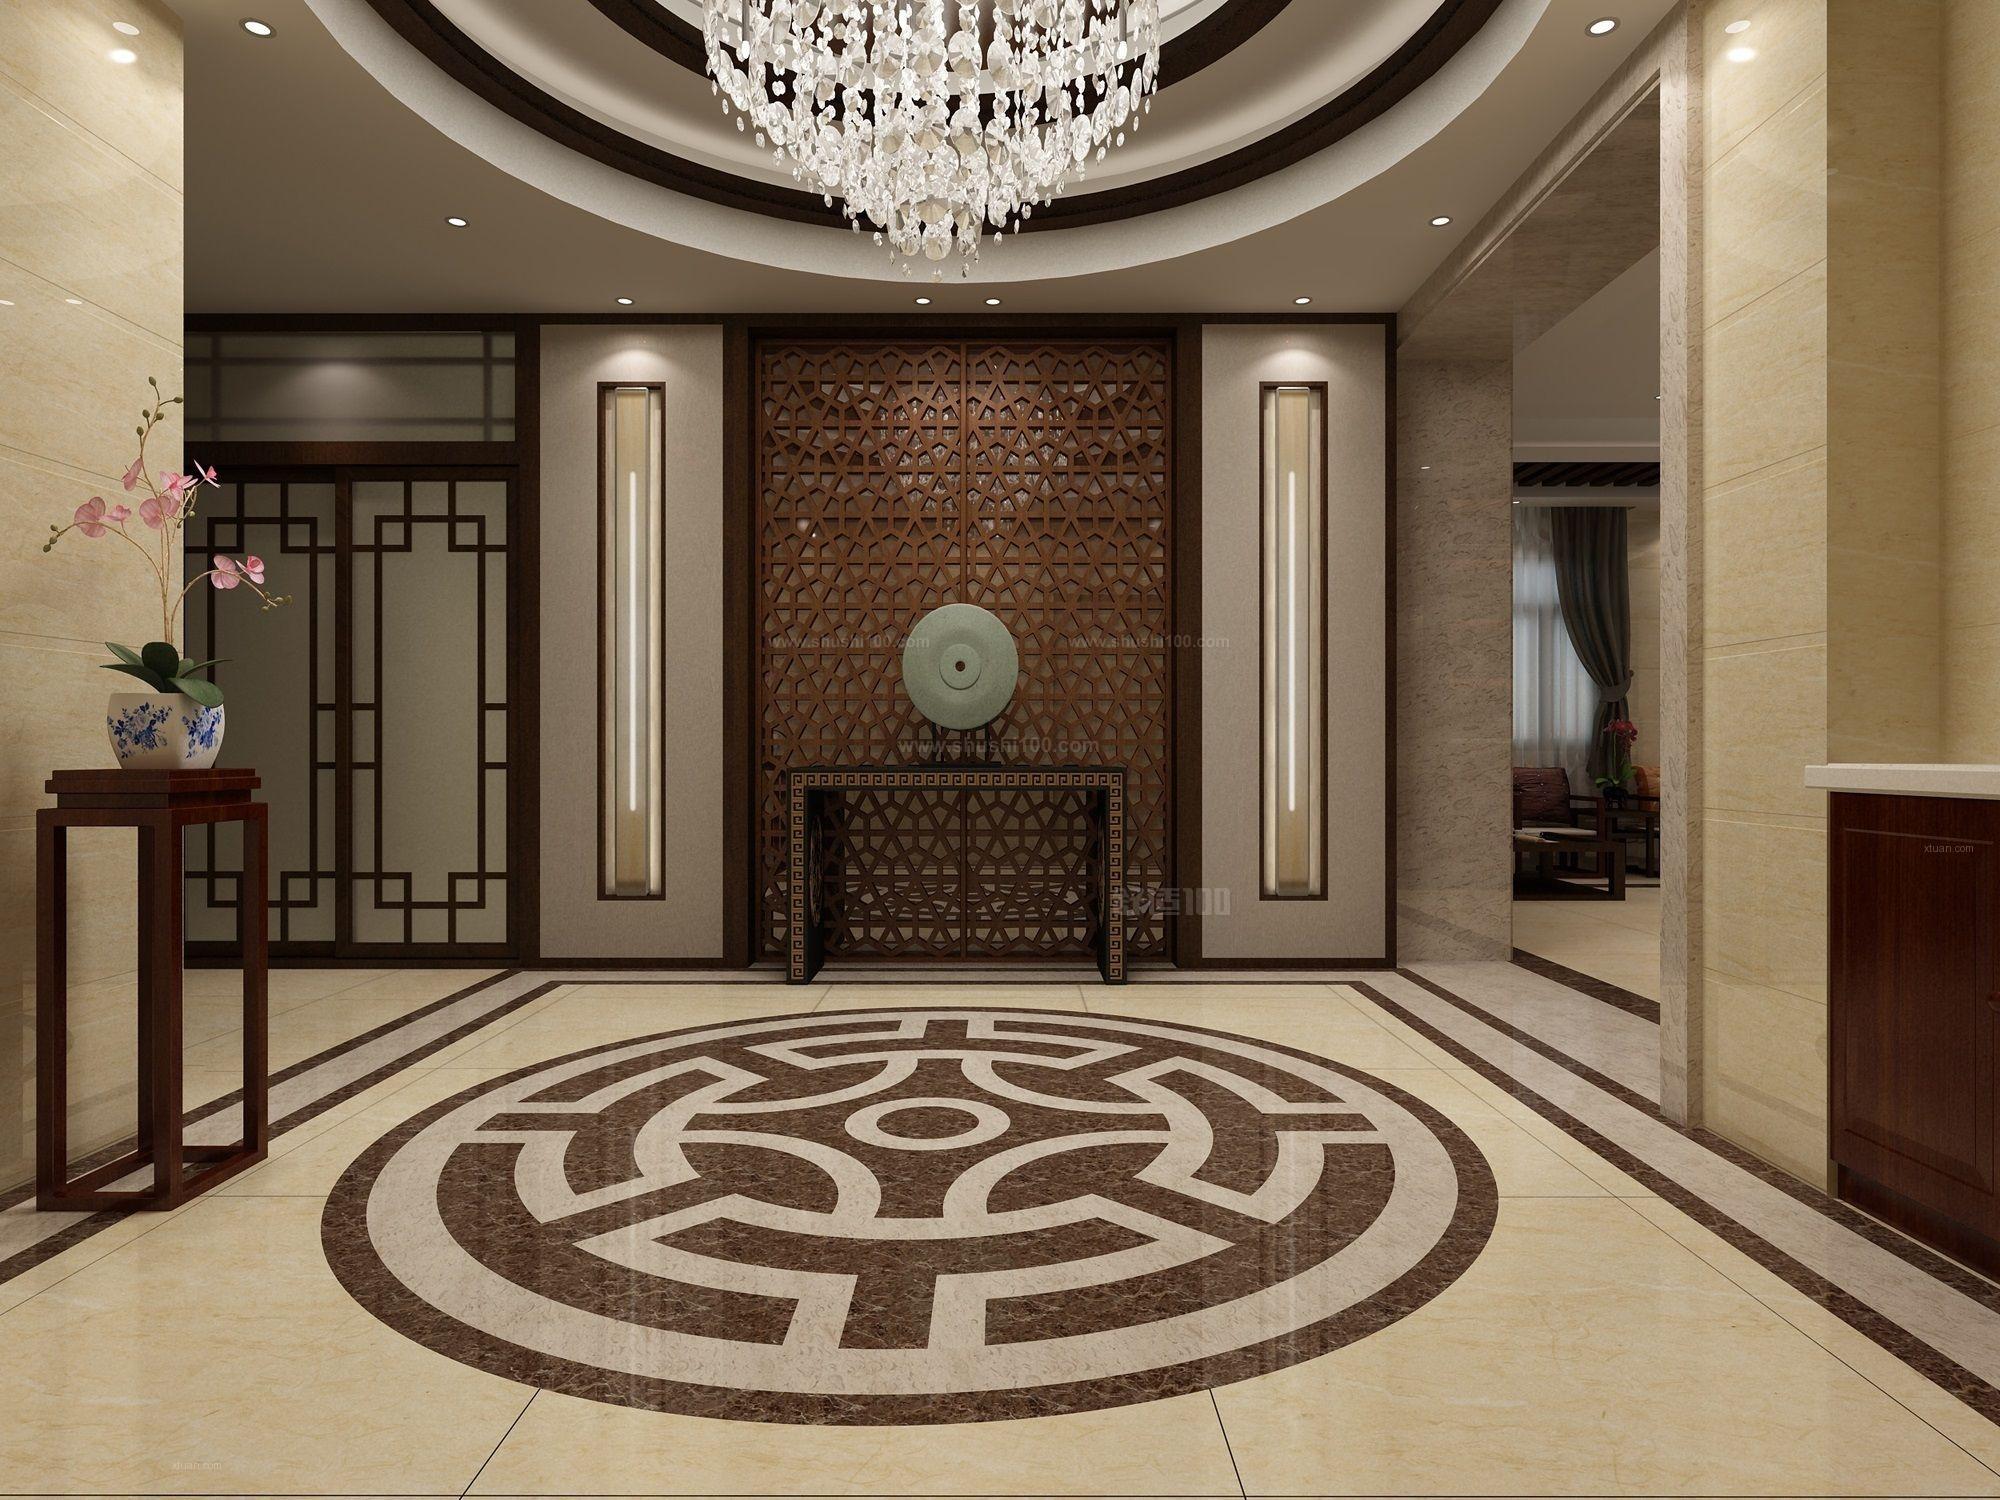 中式别墅玄关—中式别墅玄关的设计要点介绍